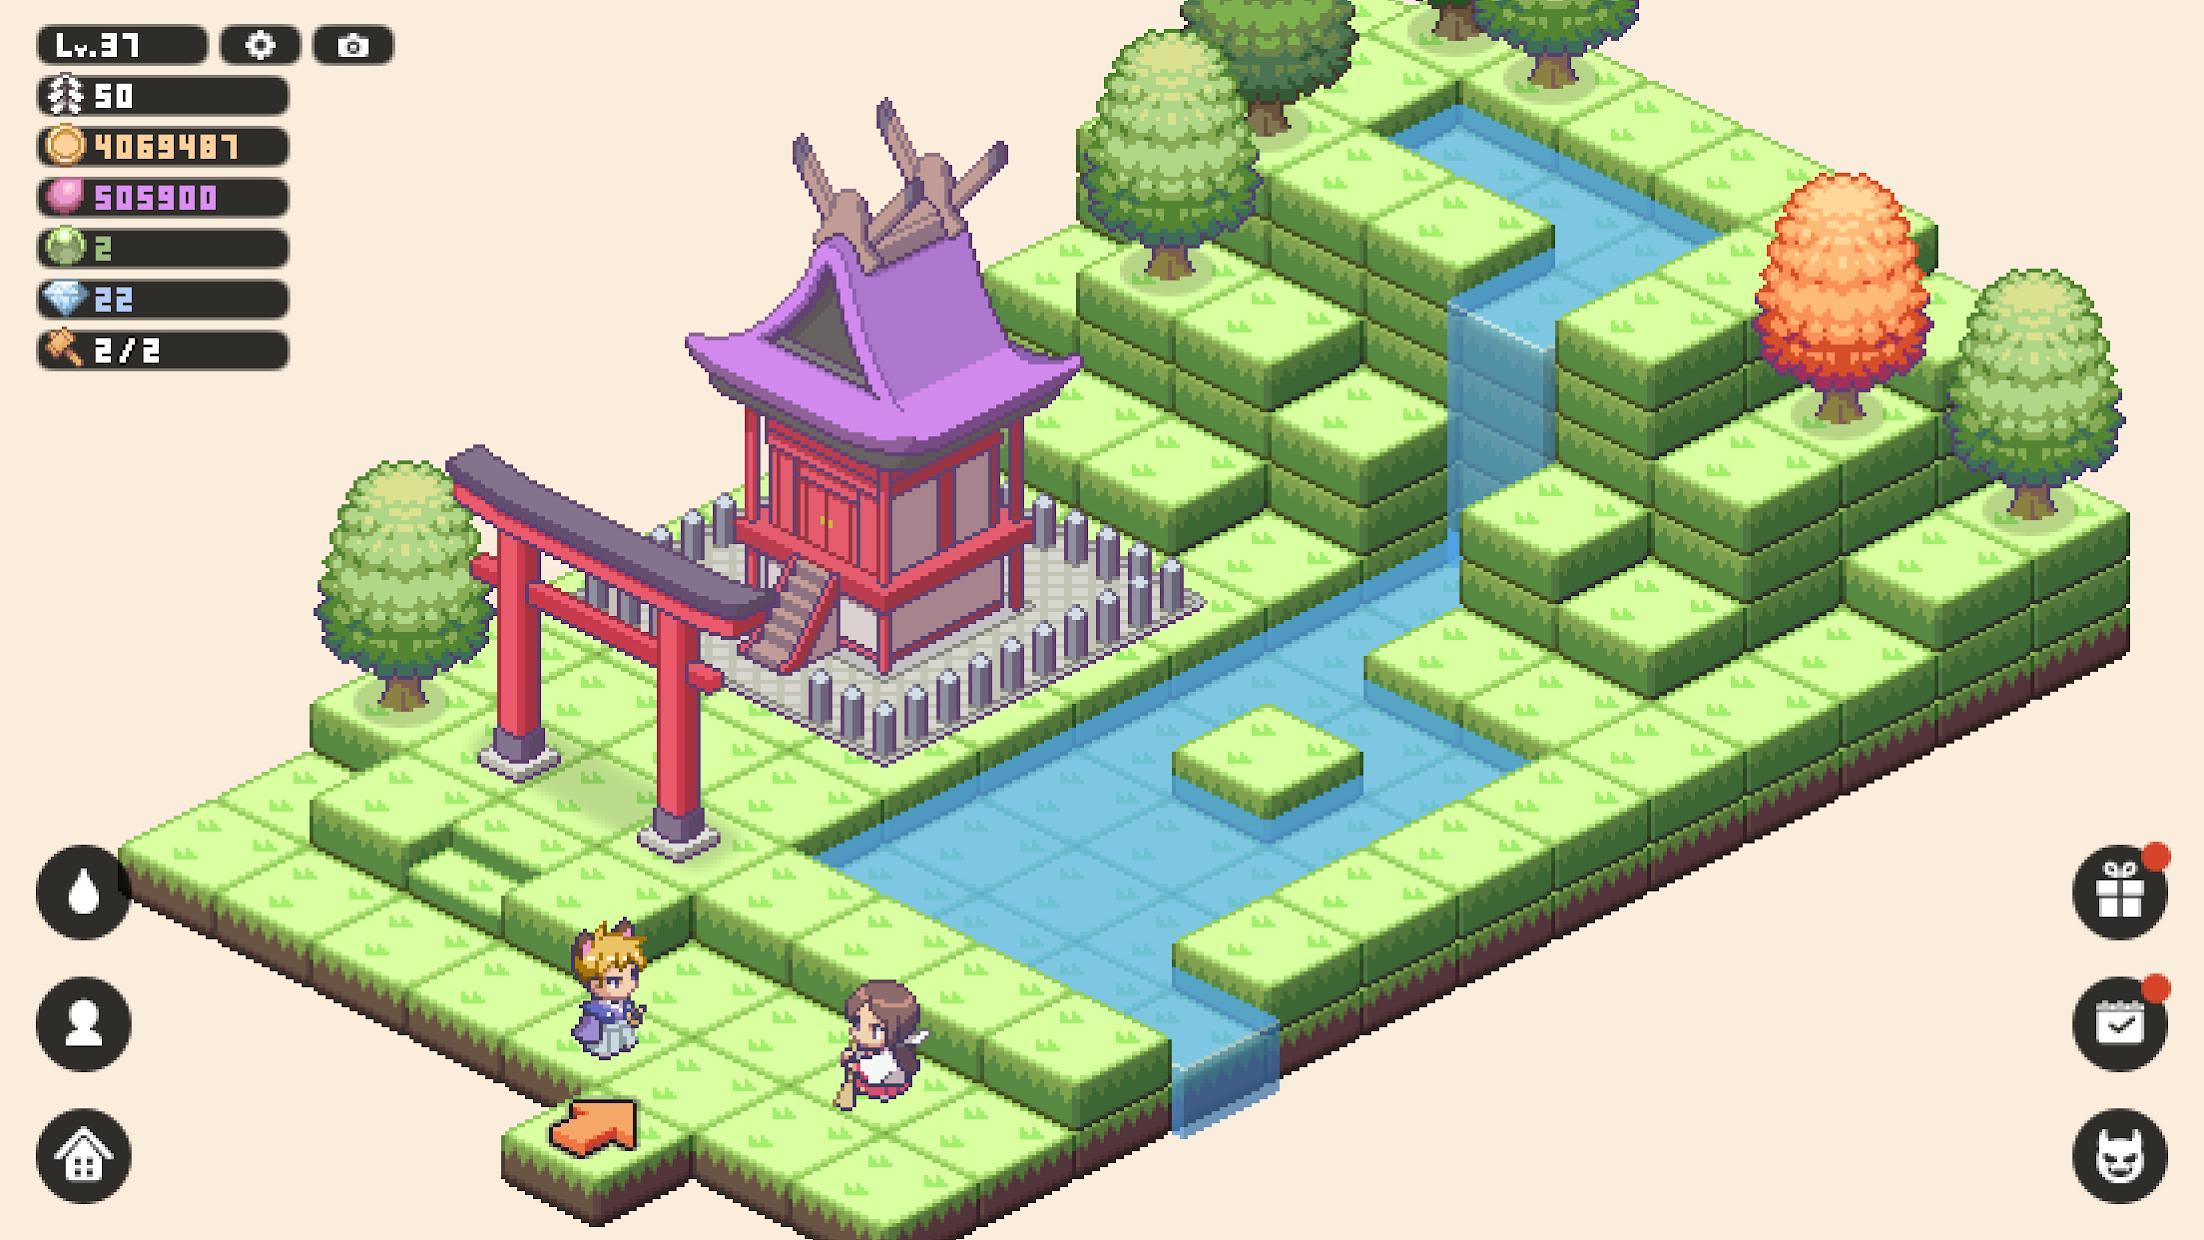 箱庭神社 游戏截图3